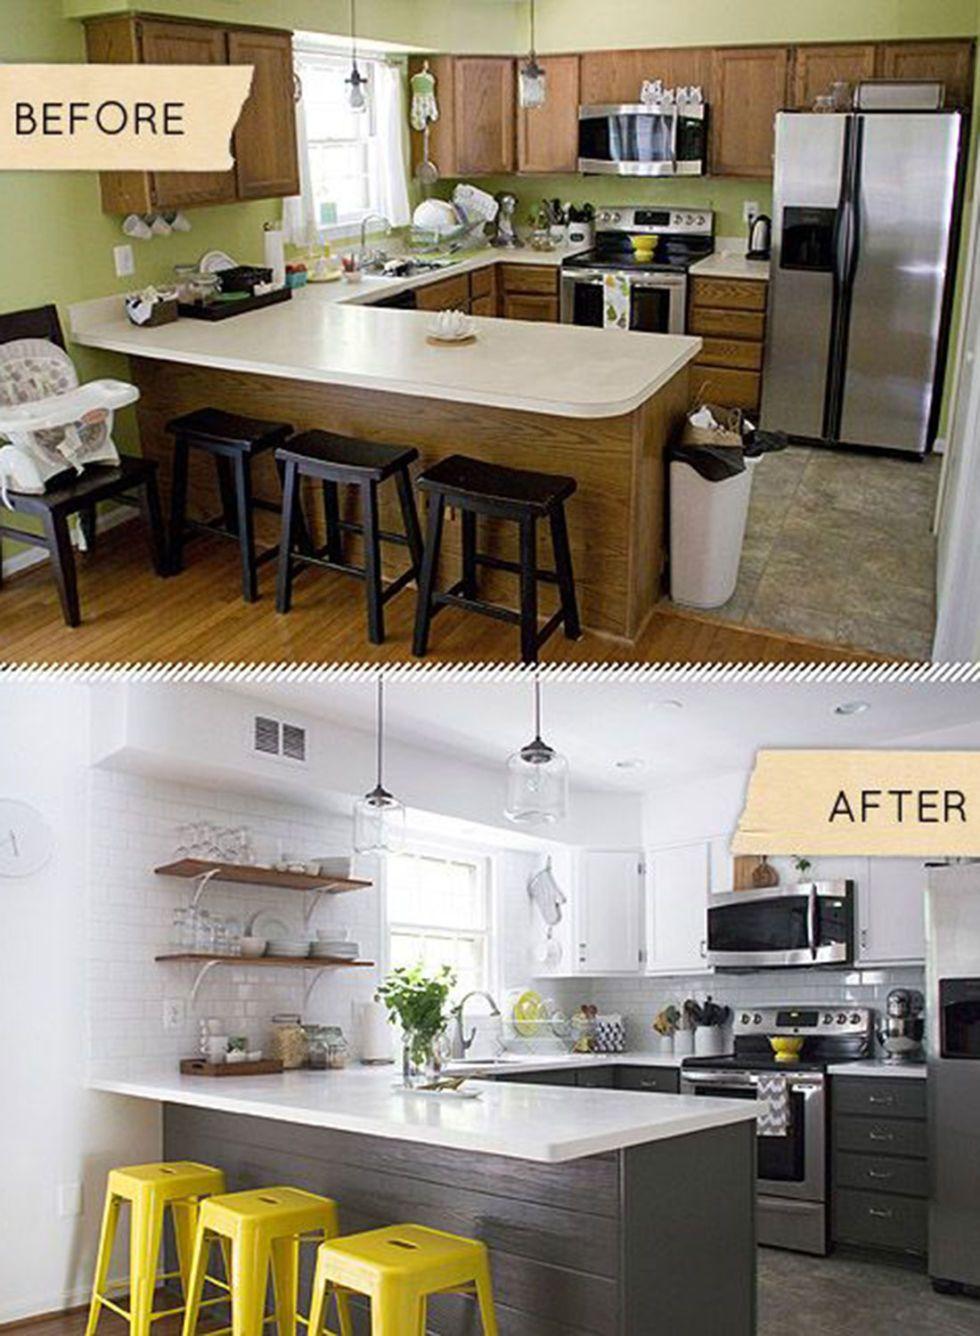 Elegantes Weiß, Holzfronten und farbliche Akzente machen aus der Küche ein modernes Kochparadies.